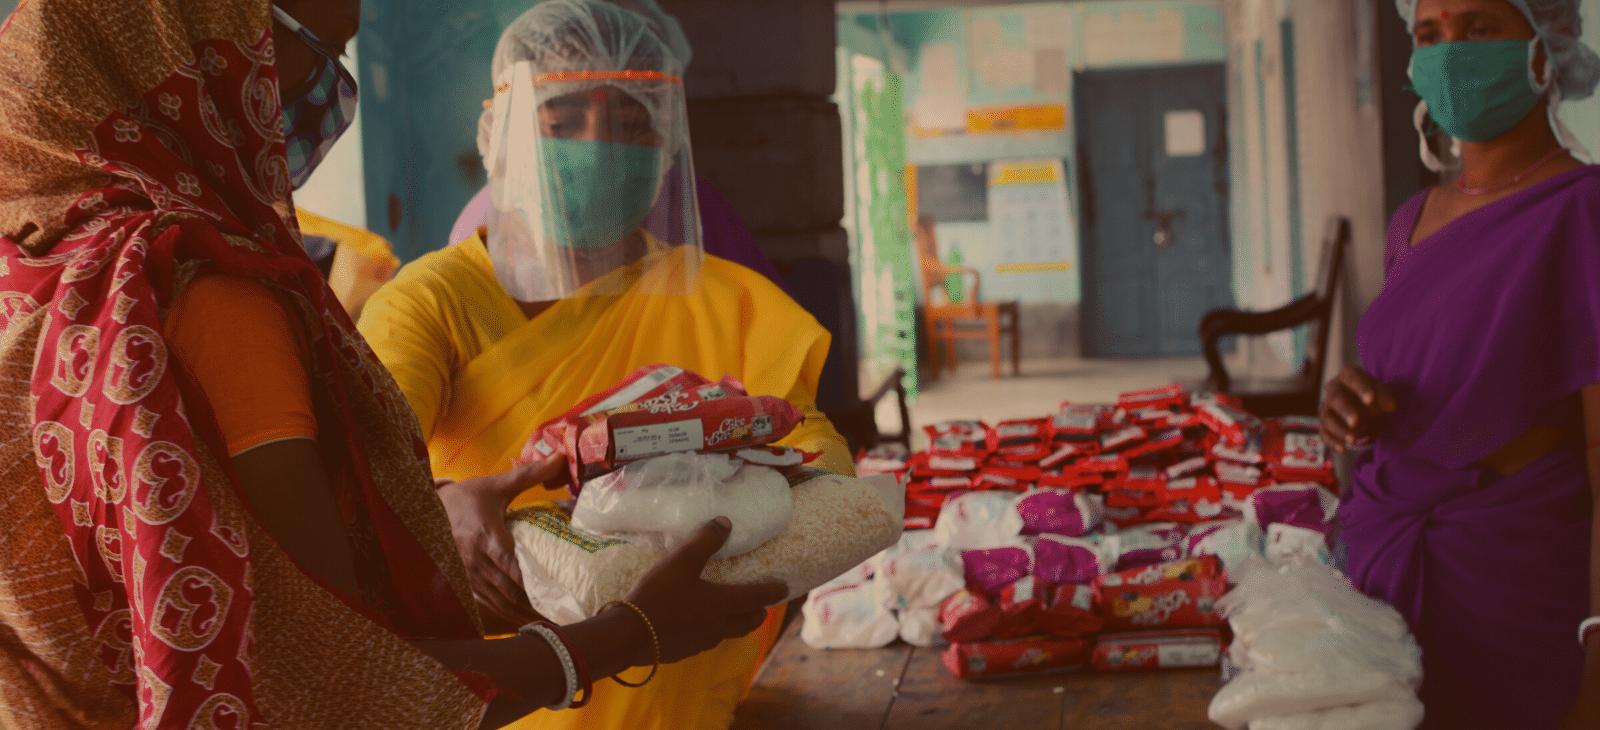 emergenza covid 19 coronavirus india donazioni cini india cini italia sostegno pandemia aziende grandi donatori